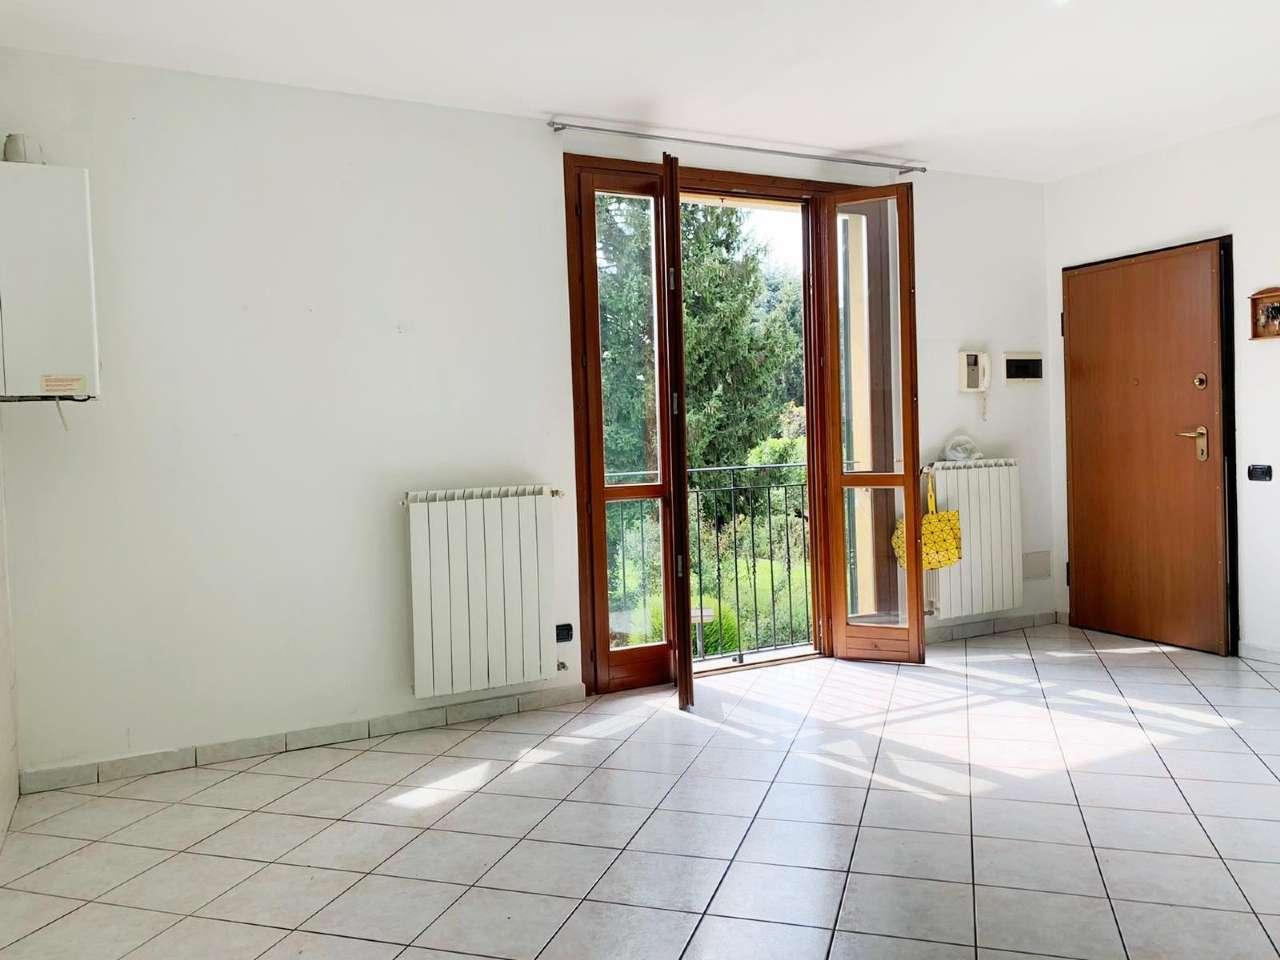 Appartamento in vendita a Giussano, 3 locali, prezzo € 102.000 | CambioCasa.it